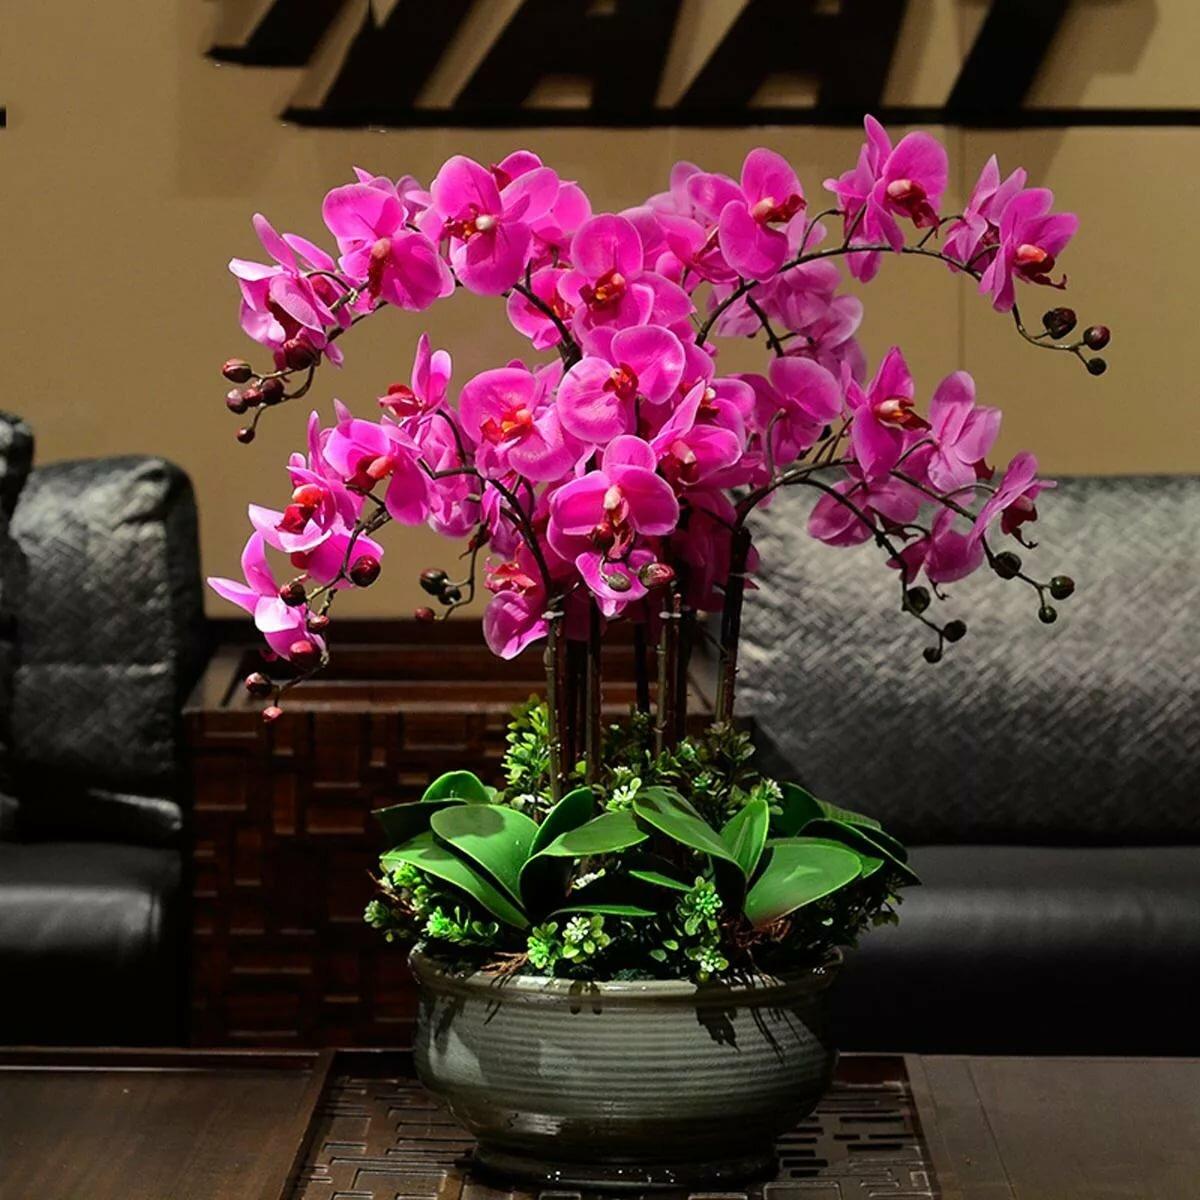 орхидеи фото красивые картинки в горшках слеза слона пользуется